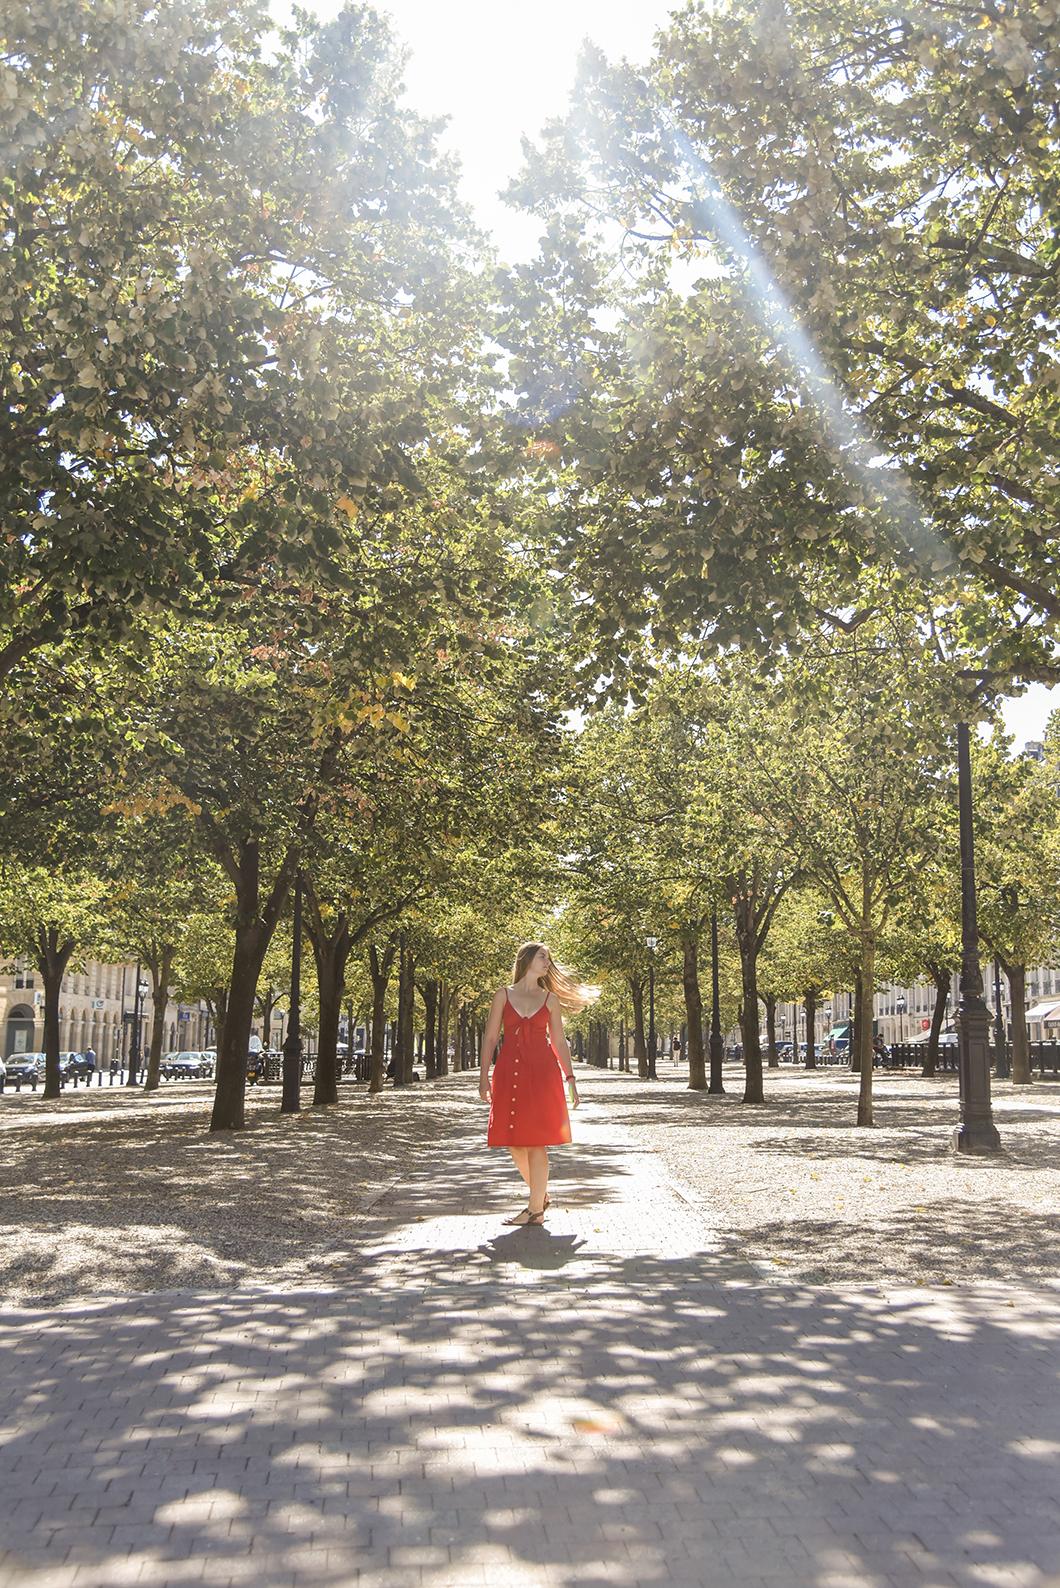 Balade aux Allées de Tourny, incontournable à Bordeaux